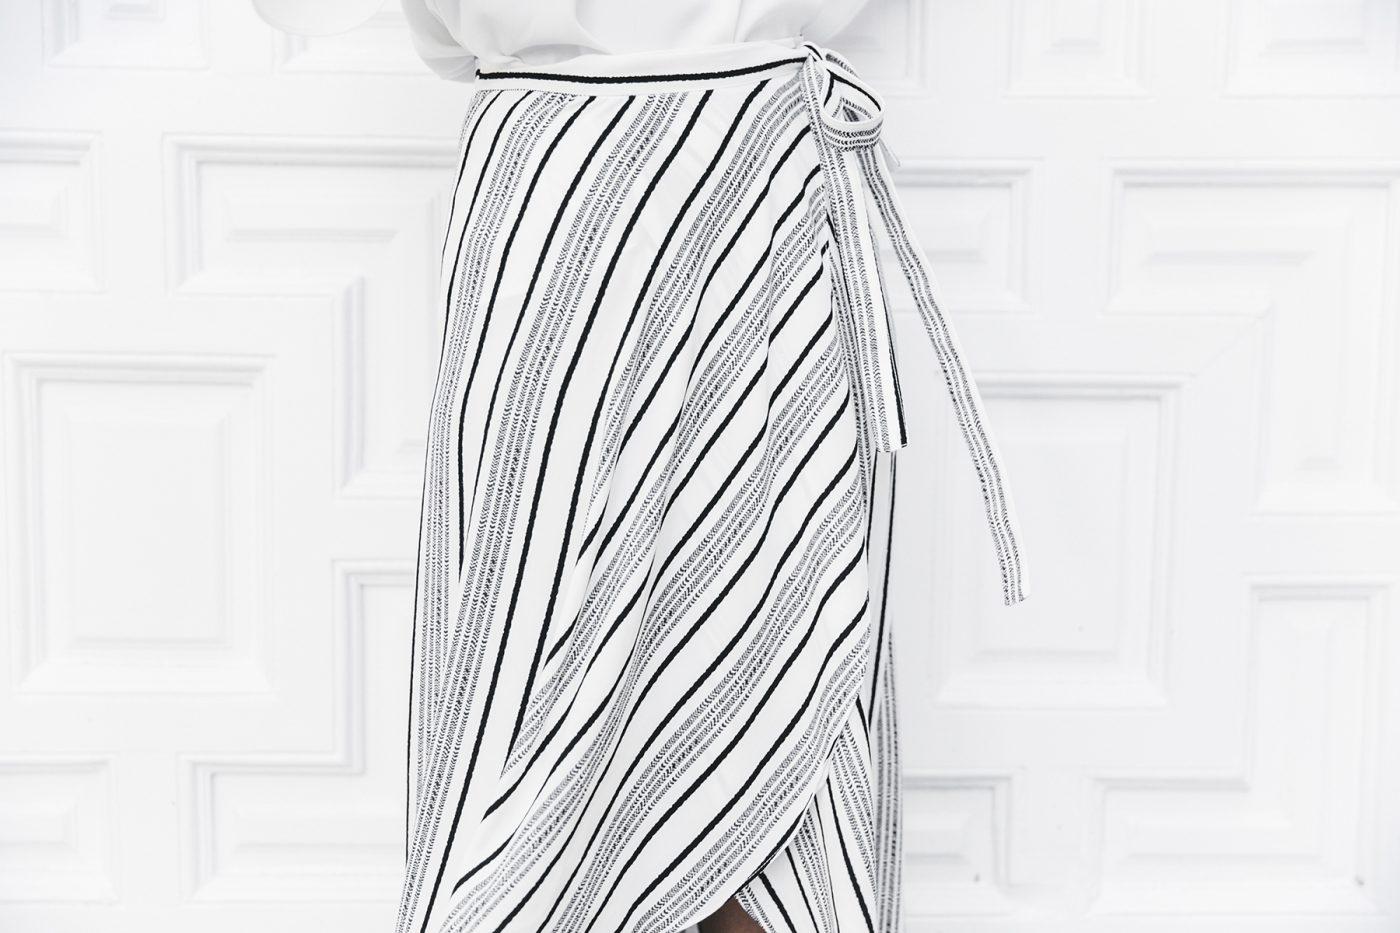 River_Island-El_Imparcial-Striped_SKirt-Off_Shoulders_Top-Lace_Up_Sandals-CHanel_Vintage_Bag-53